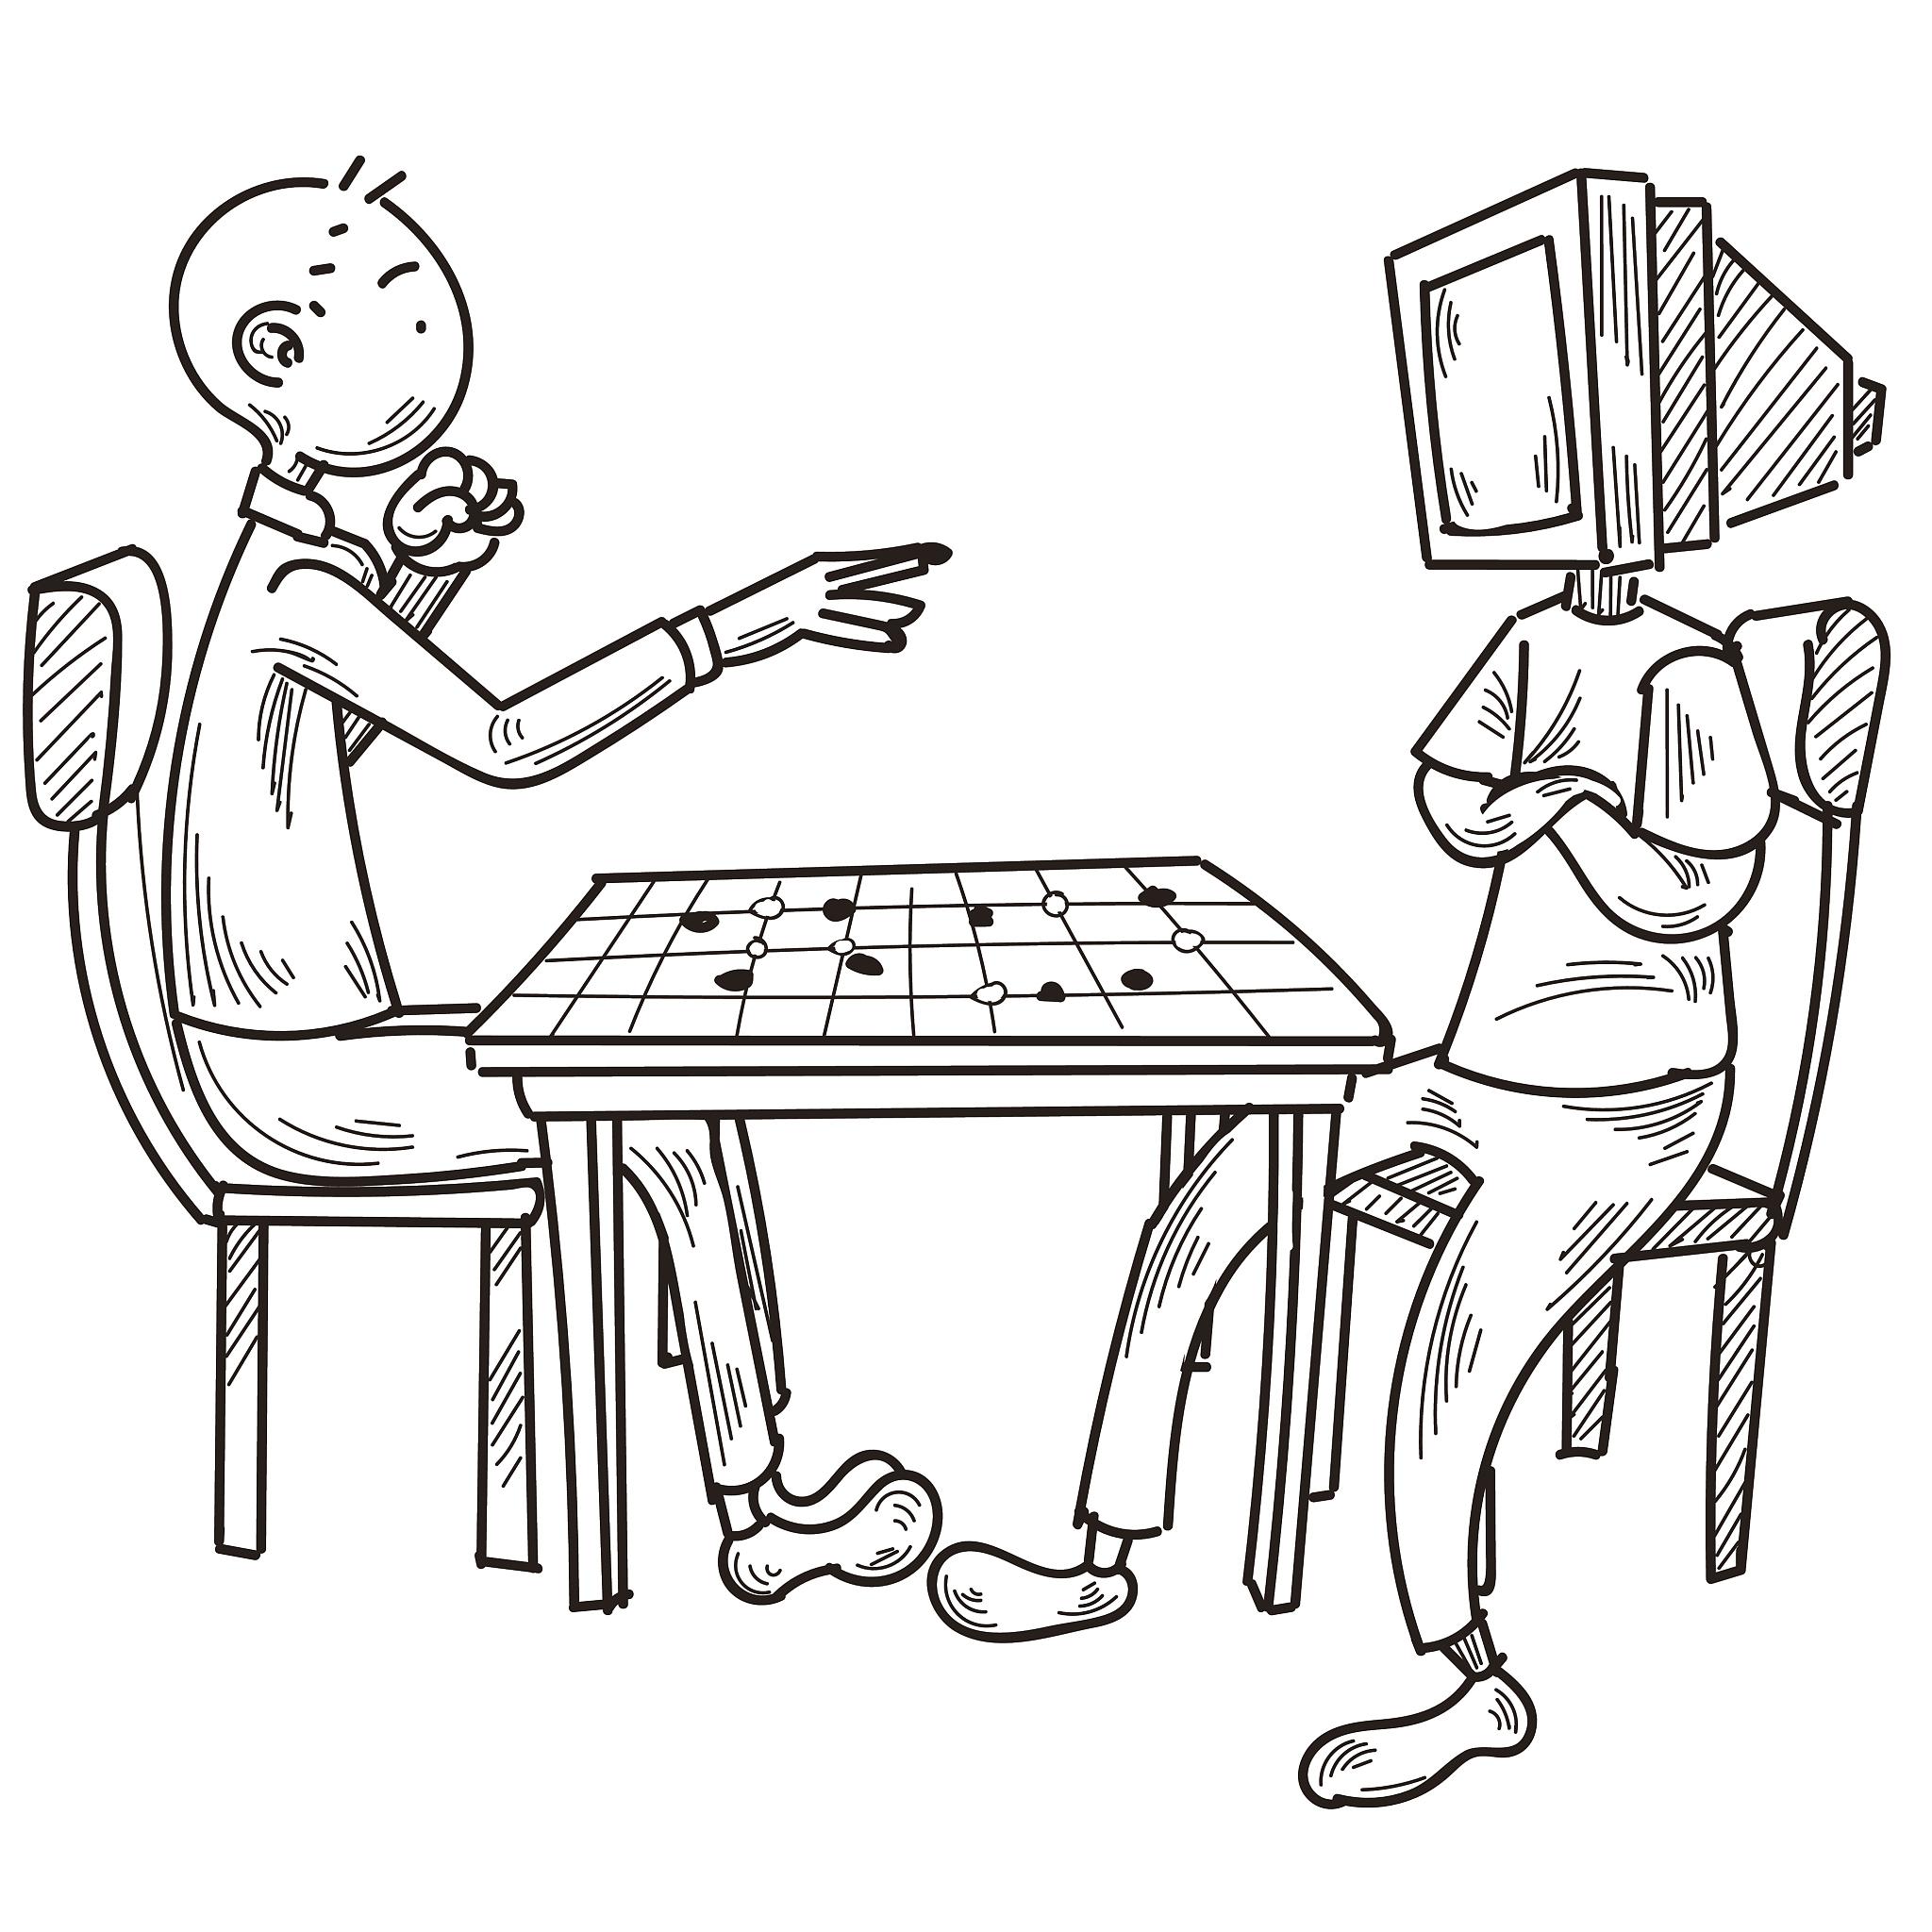 AI裁員引發熱議?被演算法支配的員工何去何從?